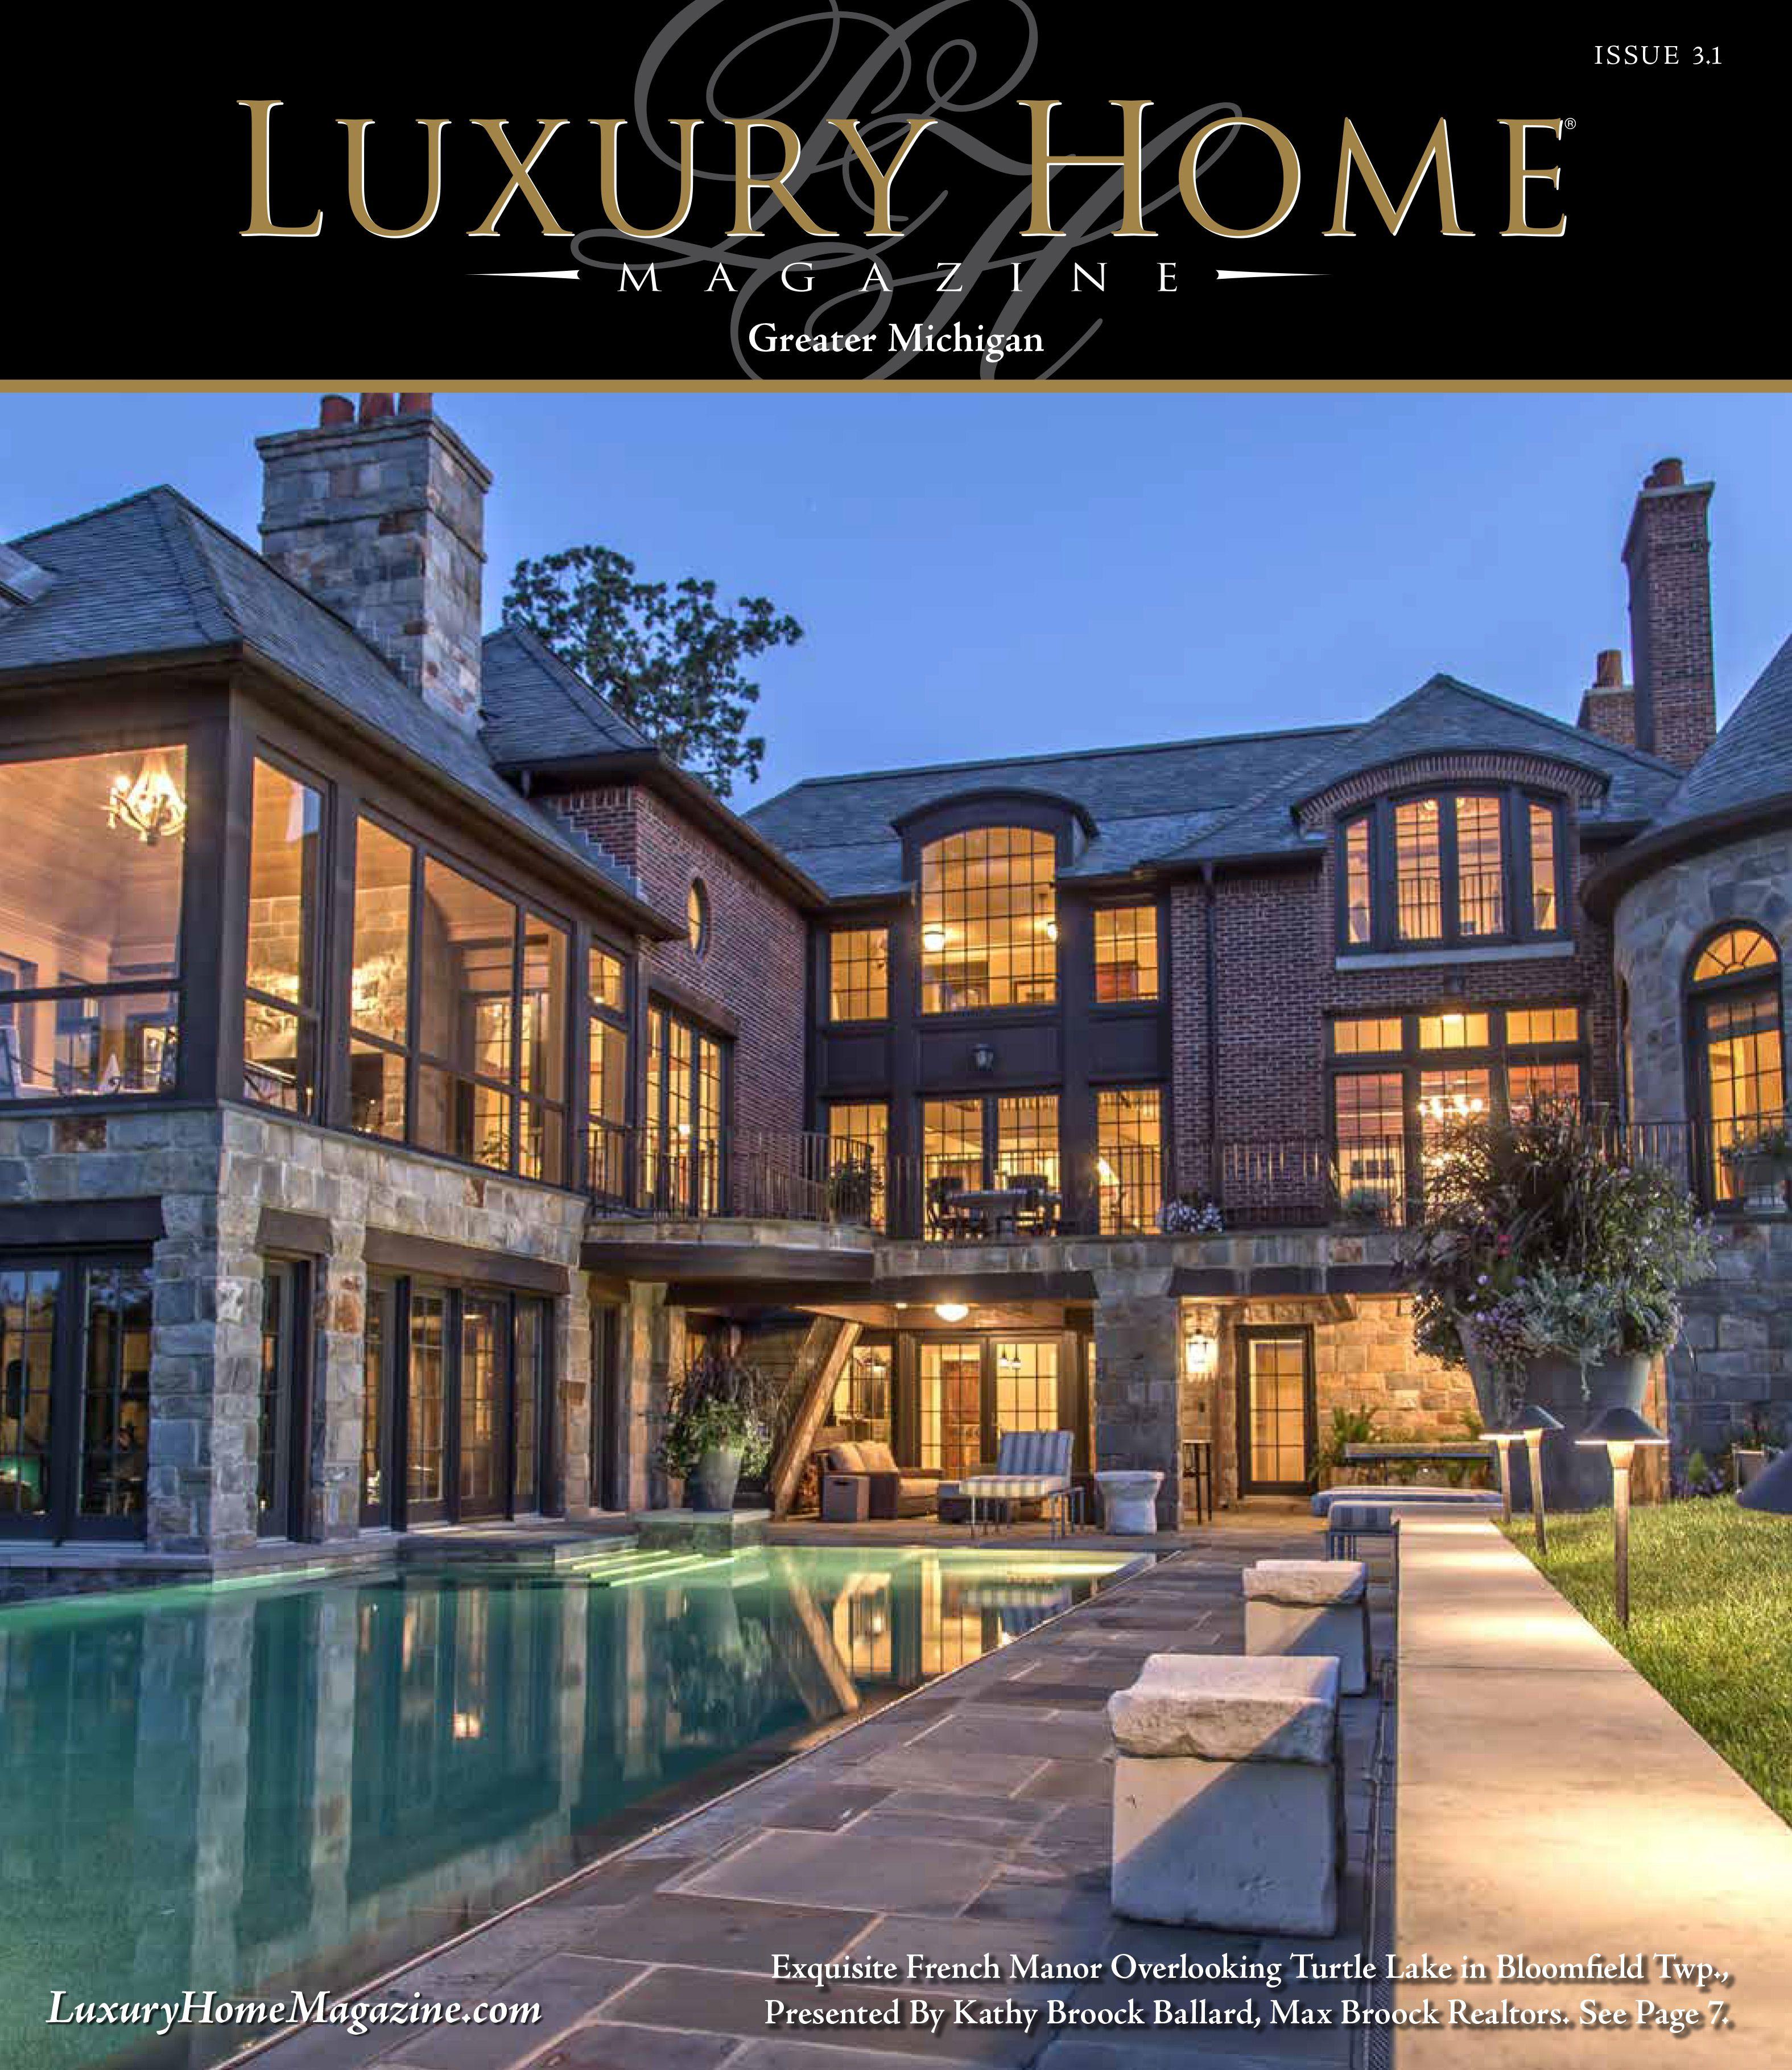 Dream home magazine real estate.